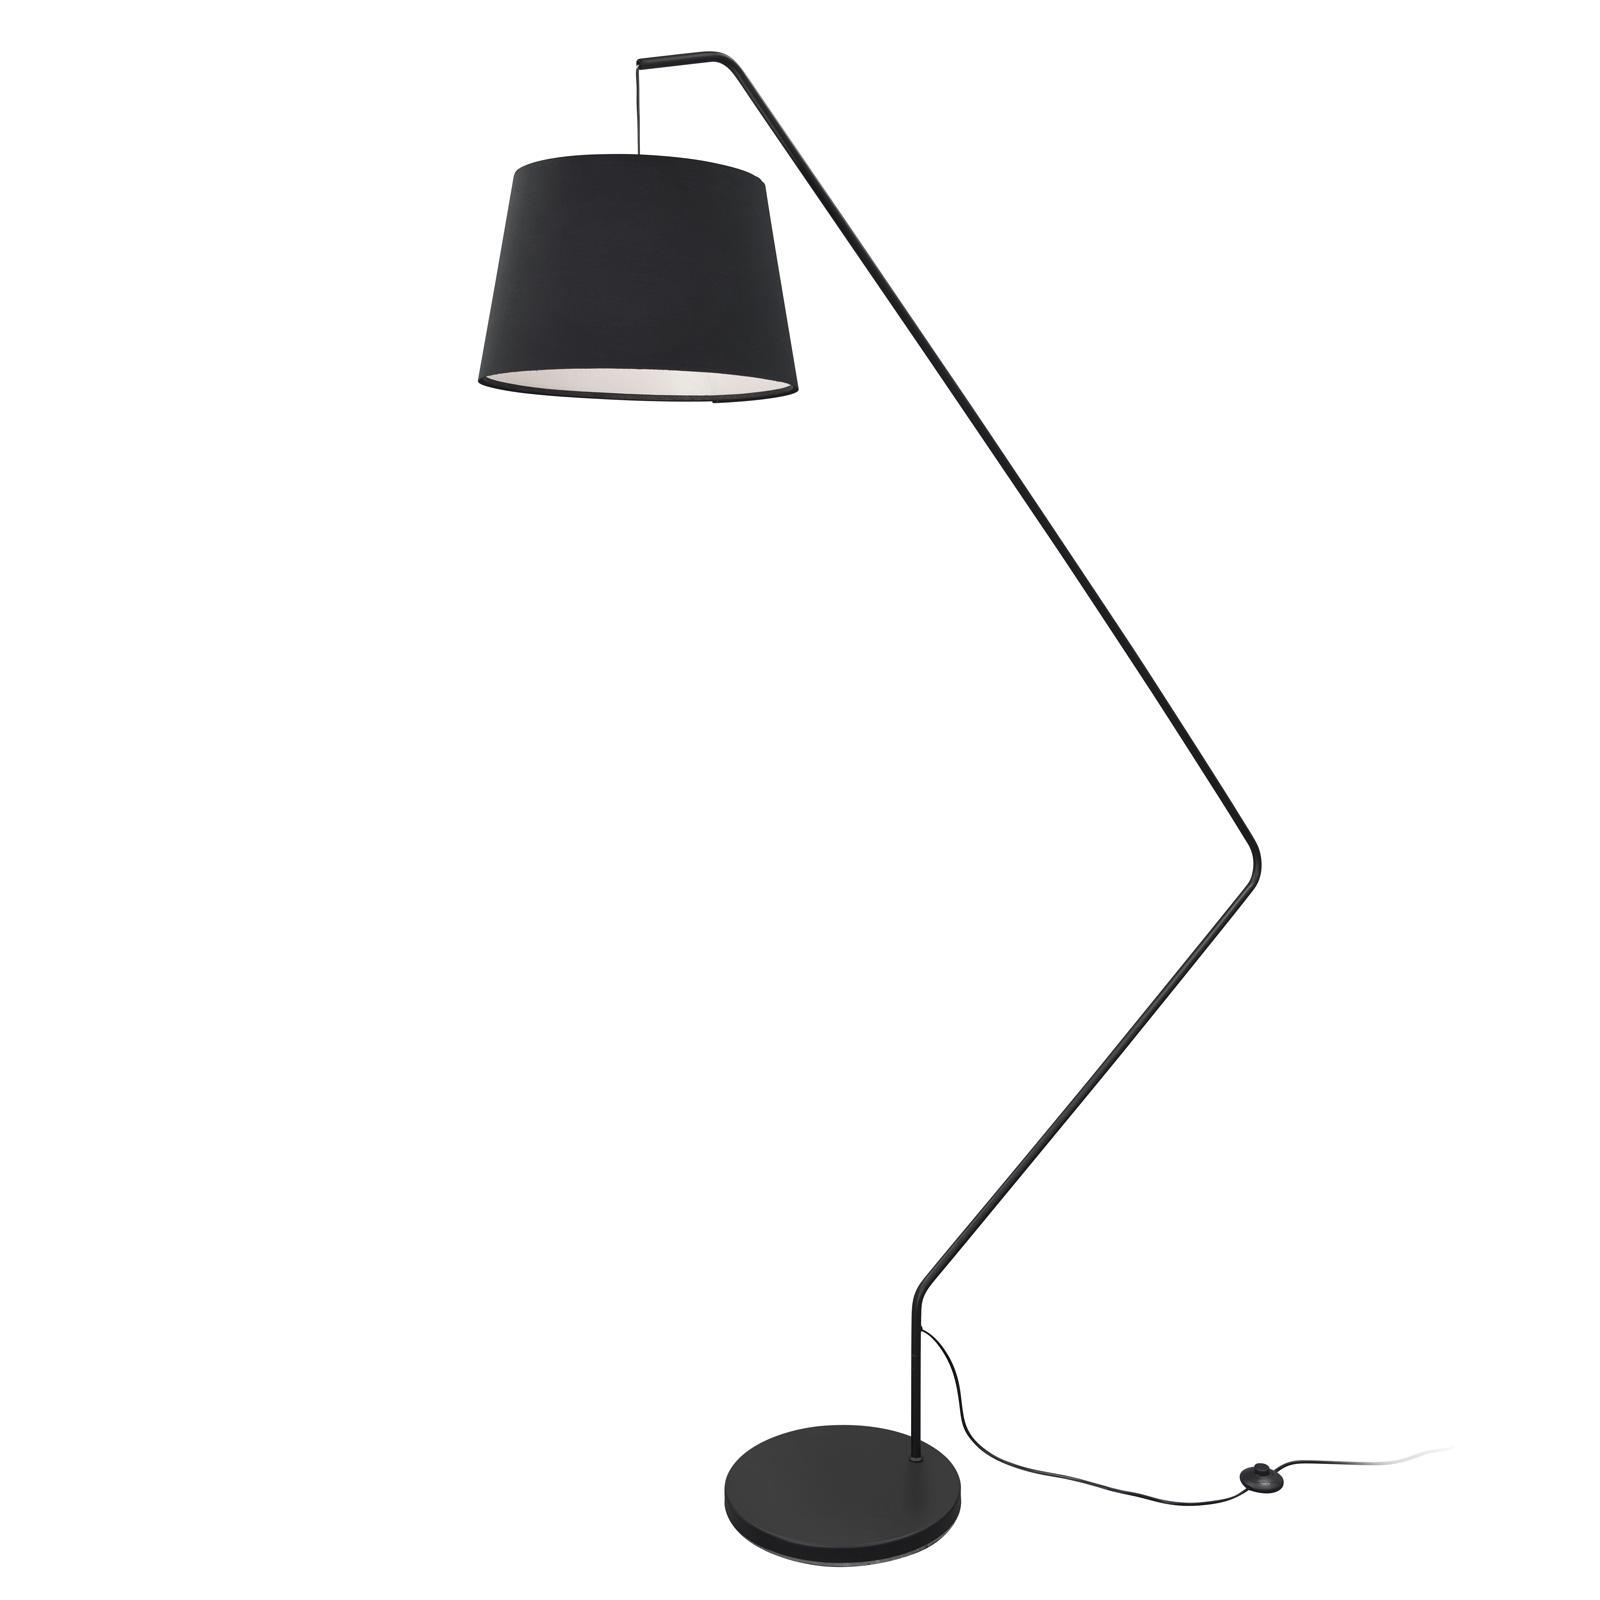 Villeroy & Boch Dublin lampadaire en noir